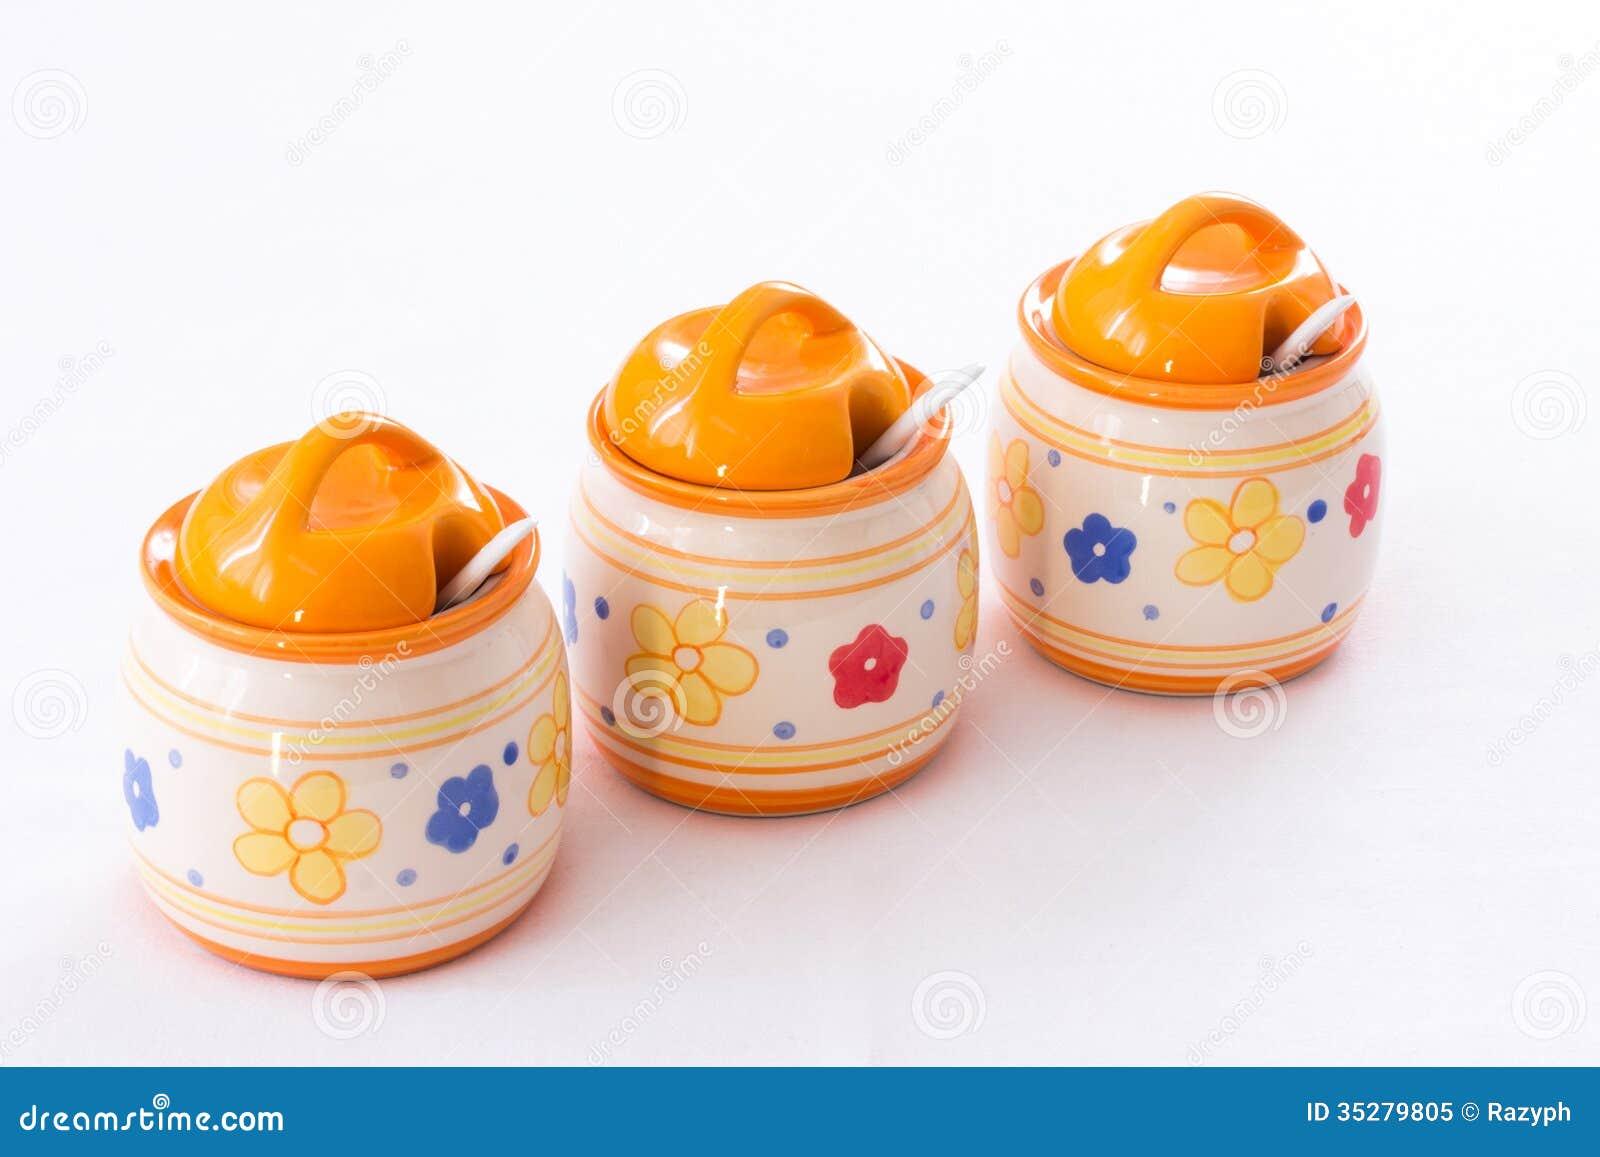 Barattoli della cucina immagine stock. Immagine di arancione - 35279805